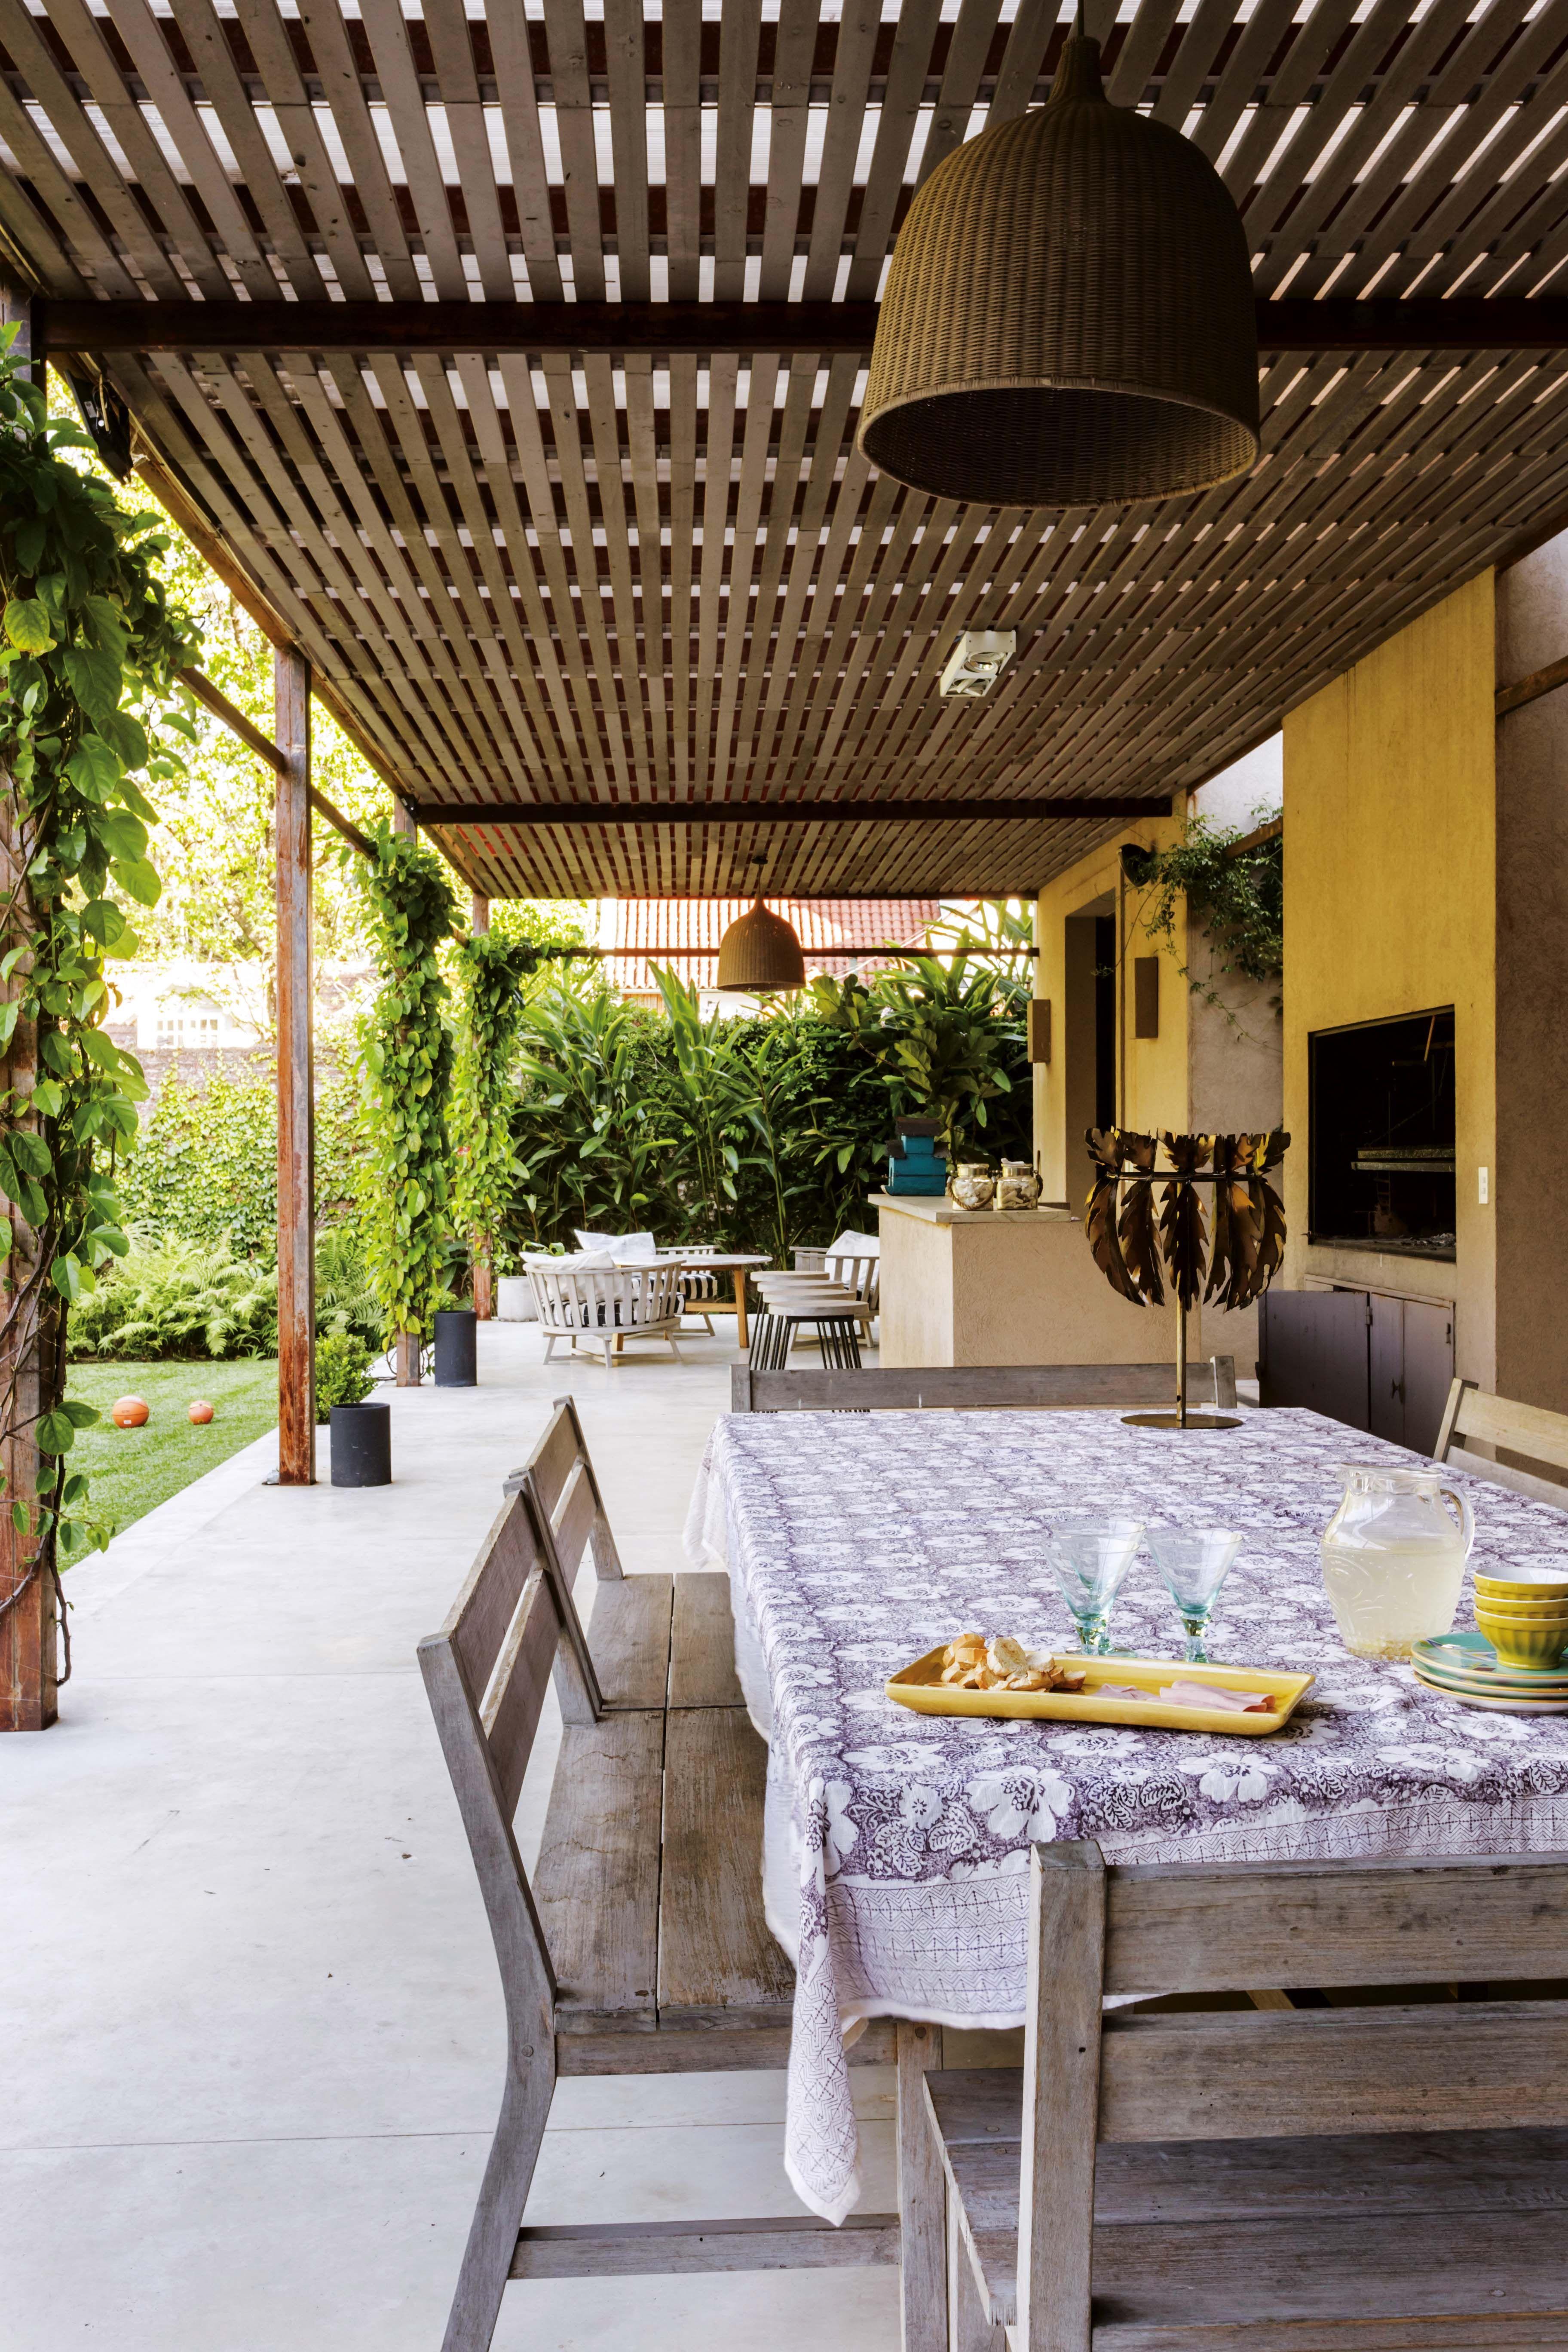 Gui os al reino animal y mucho verde en la casa de mar a for Choza de jardin de madera techo plano